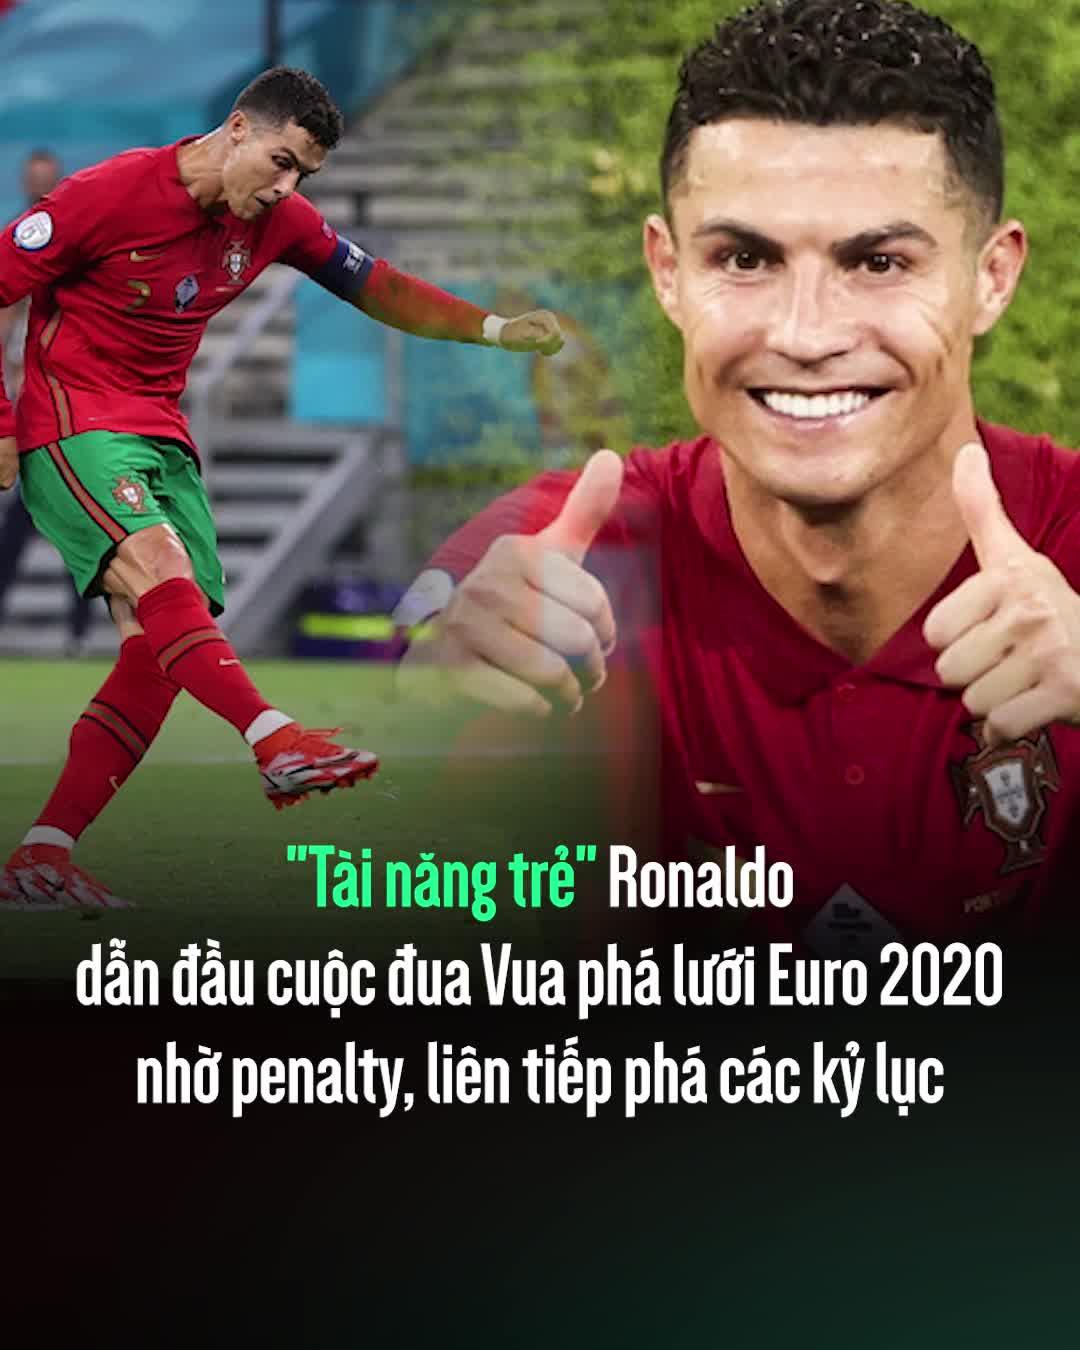 """""""Tài năng trẻ"""" Ronaldo dẫn đầu cuộc đua Vua phá lưới Euro 2020 nhờ tuyệt chiêu penalty, liên tiếp phá các kỷ lục"""